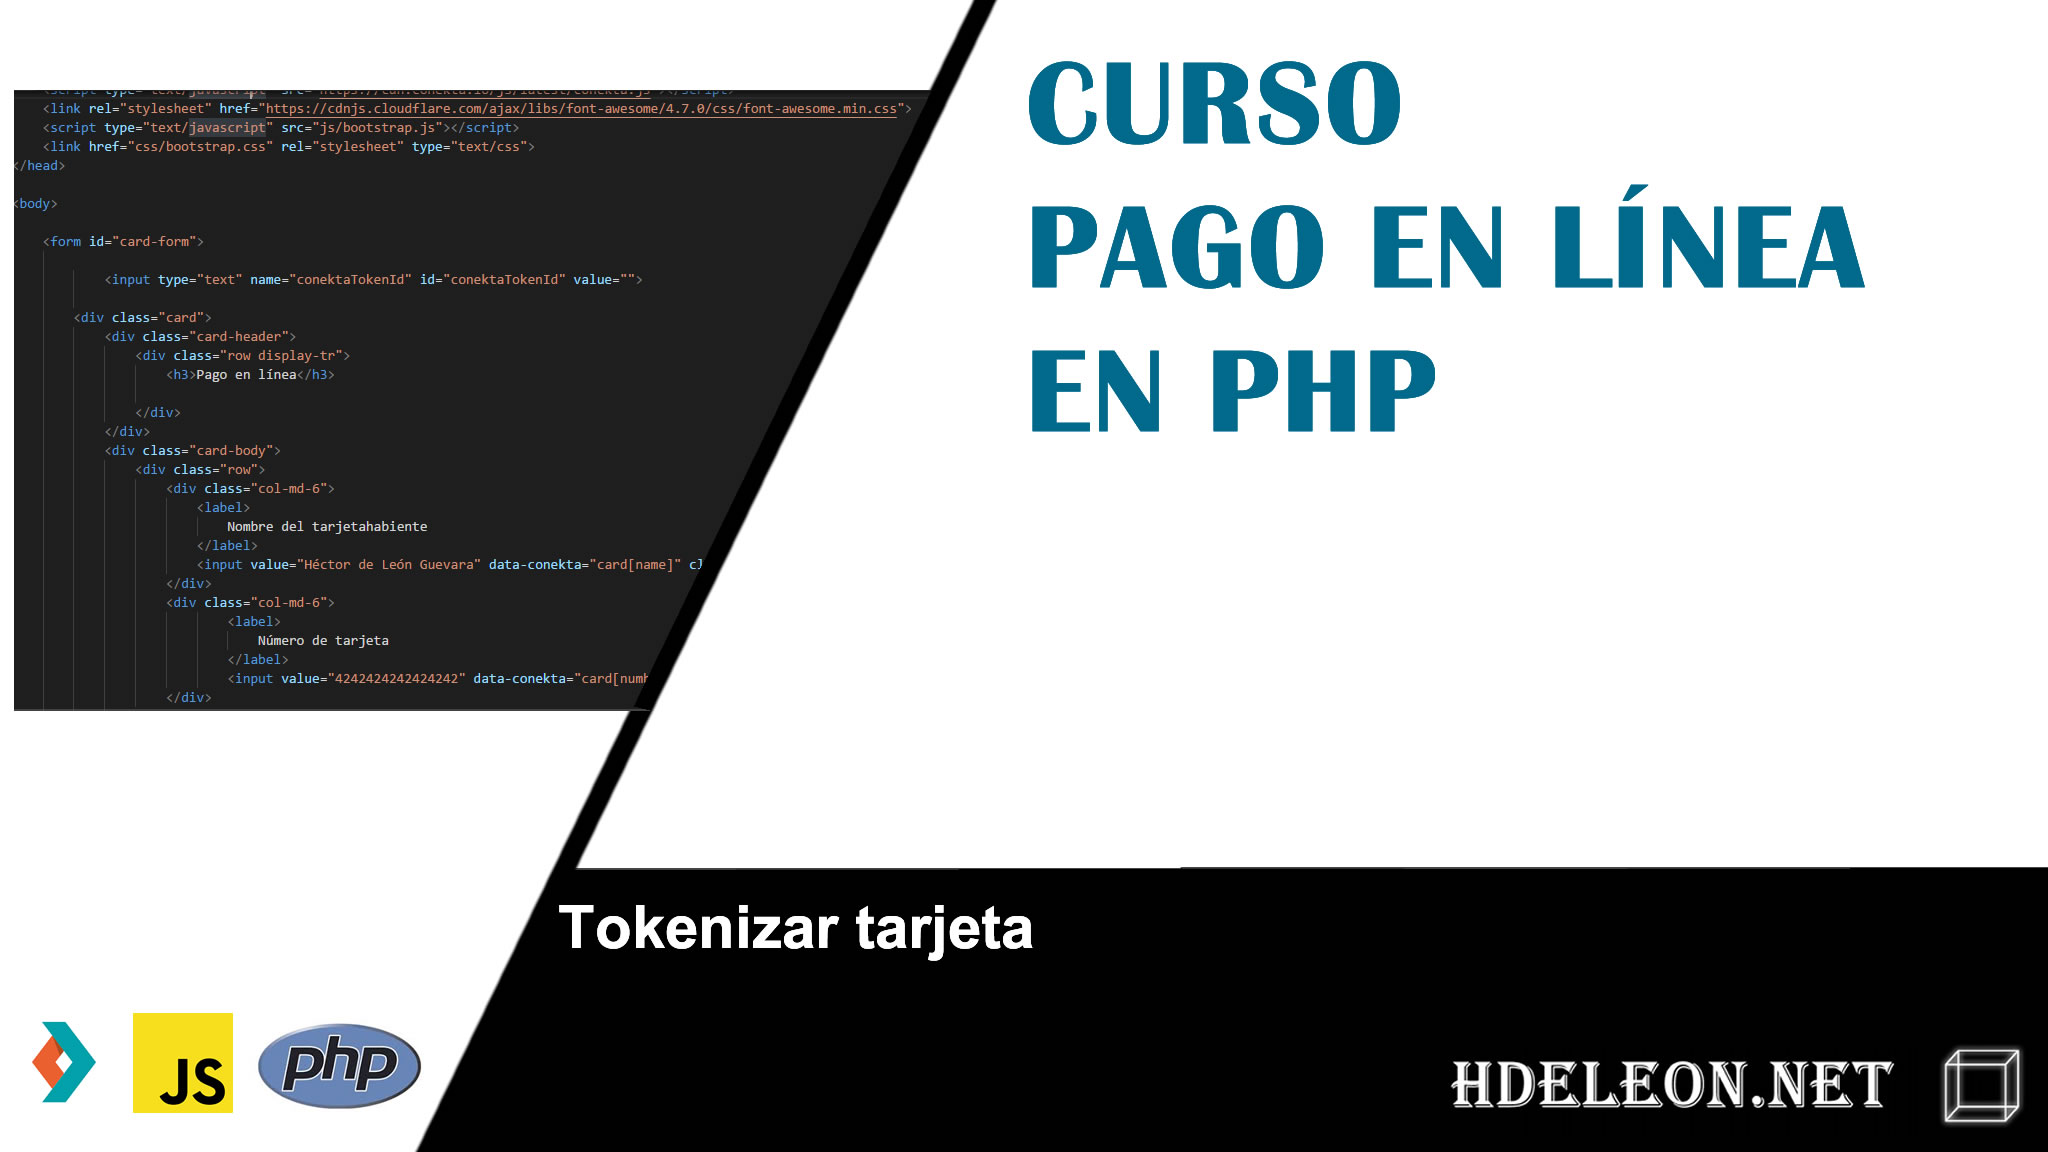 Curso para realizar pagos en línea con php, conekta, html5, javascript